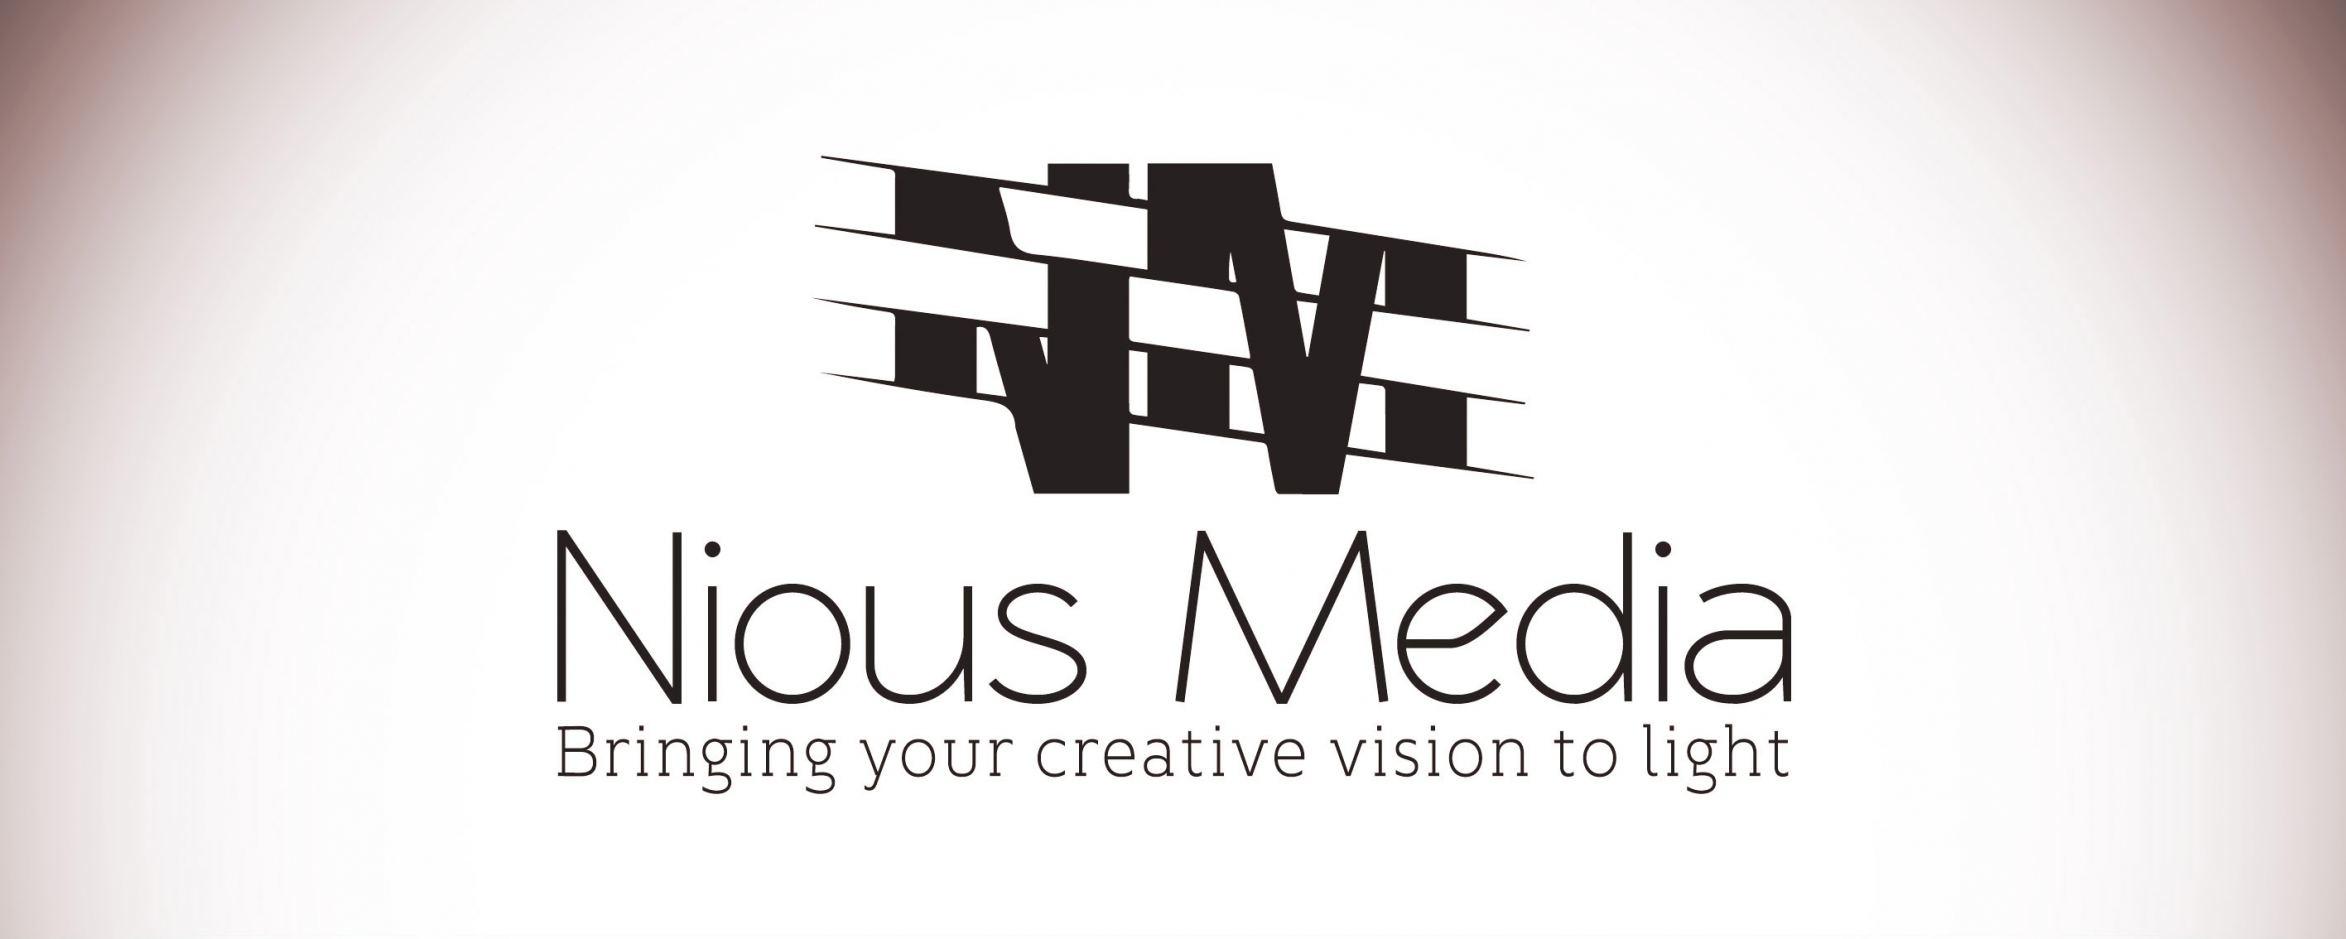 Nious_Media Logo